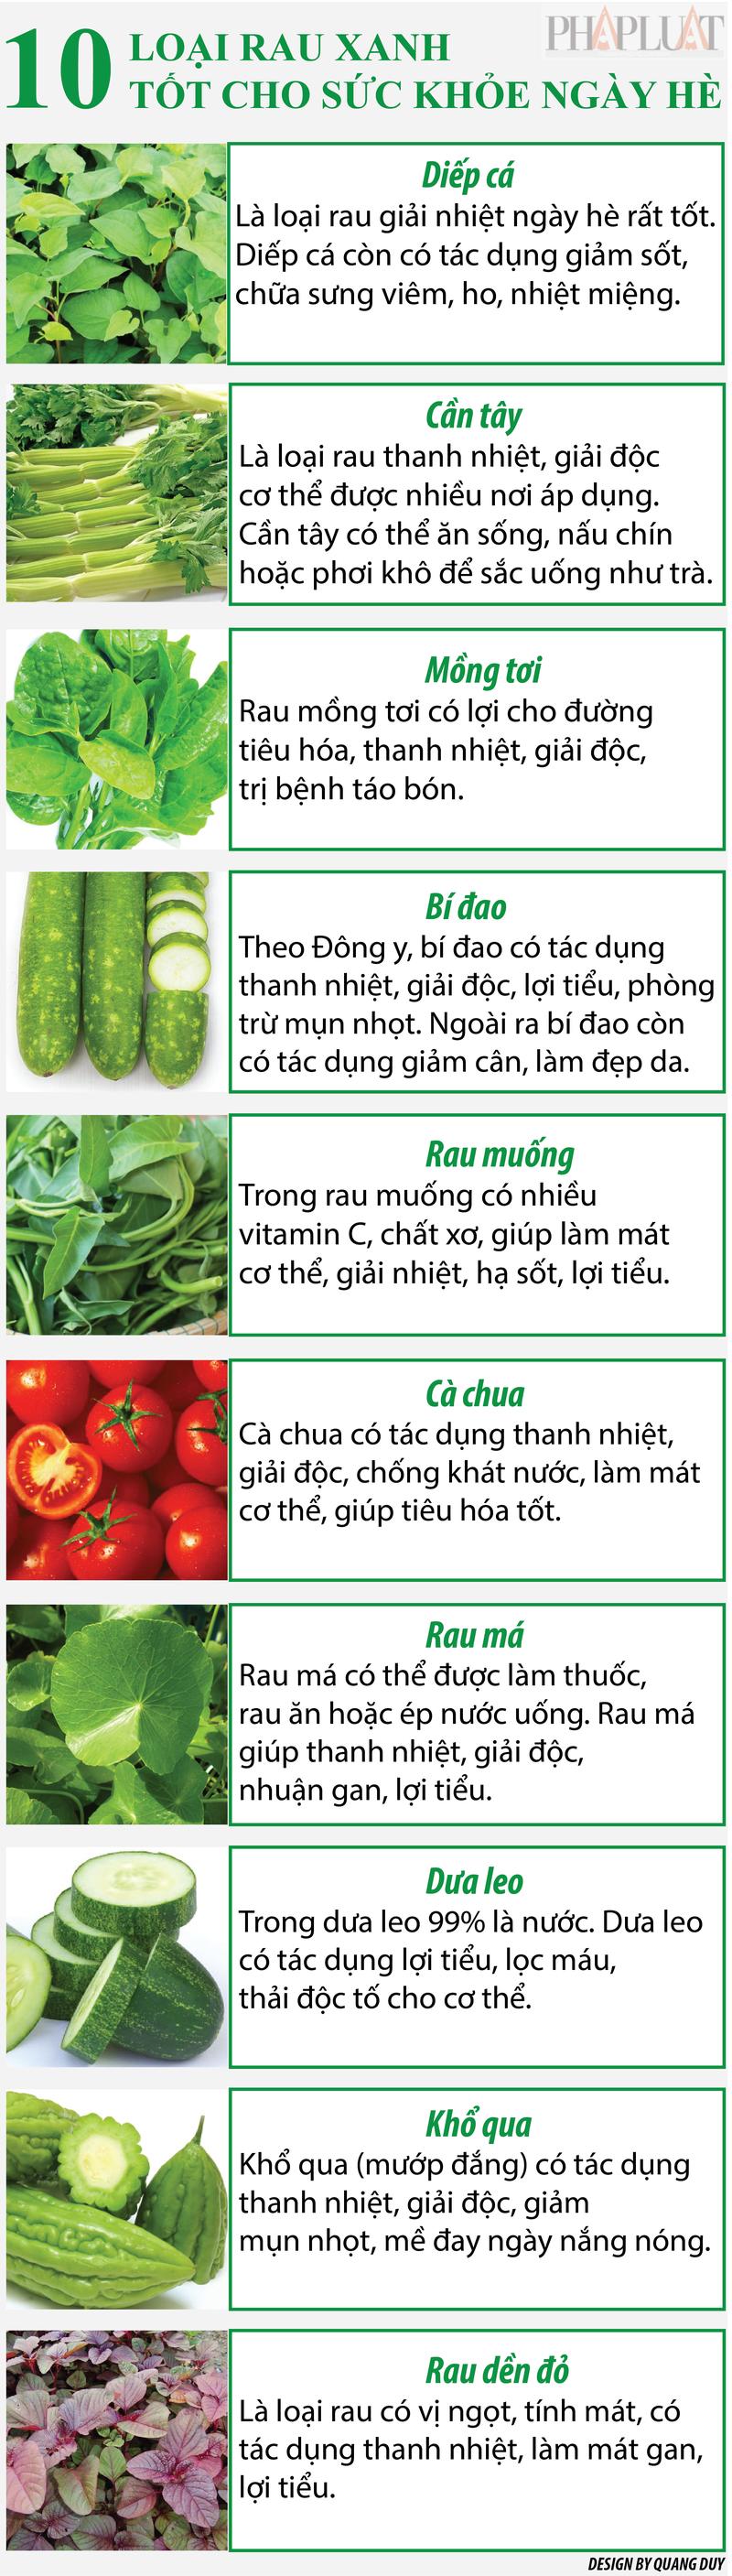 Infographic: 10 loại rau xanh tốt cho sức khỏe ngày hè - ảnh 1